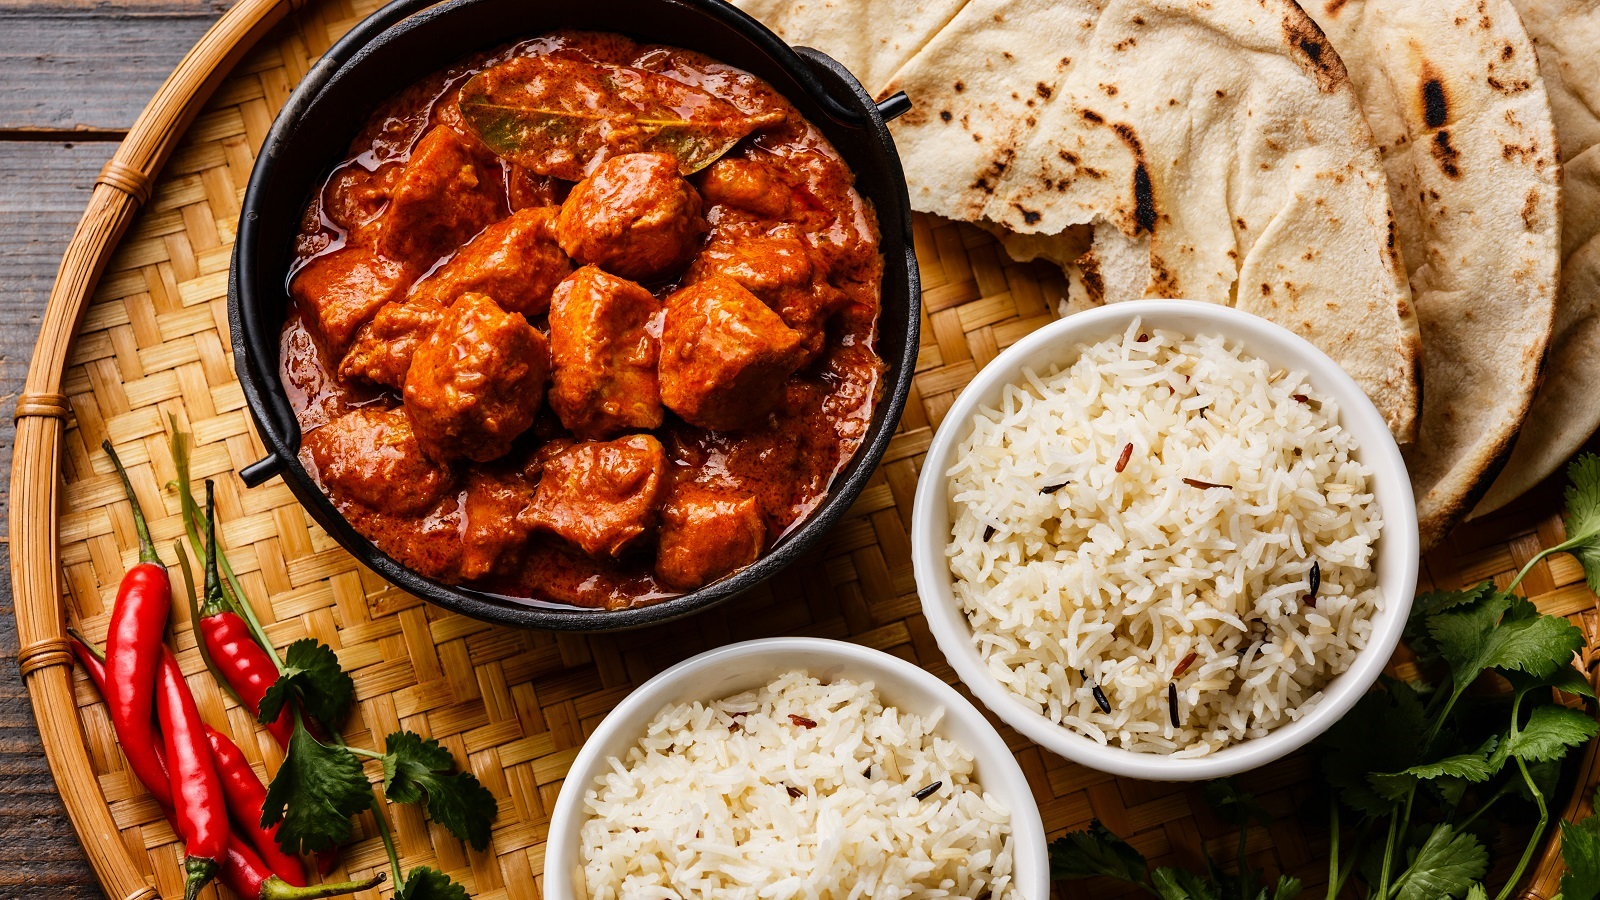 Jaipur Indian Cuisine Ltd